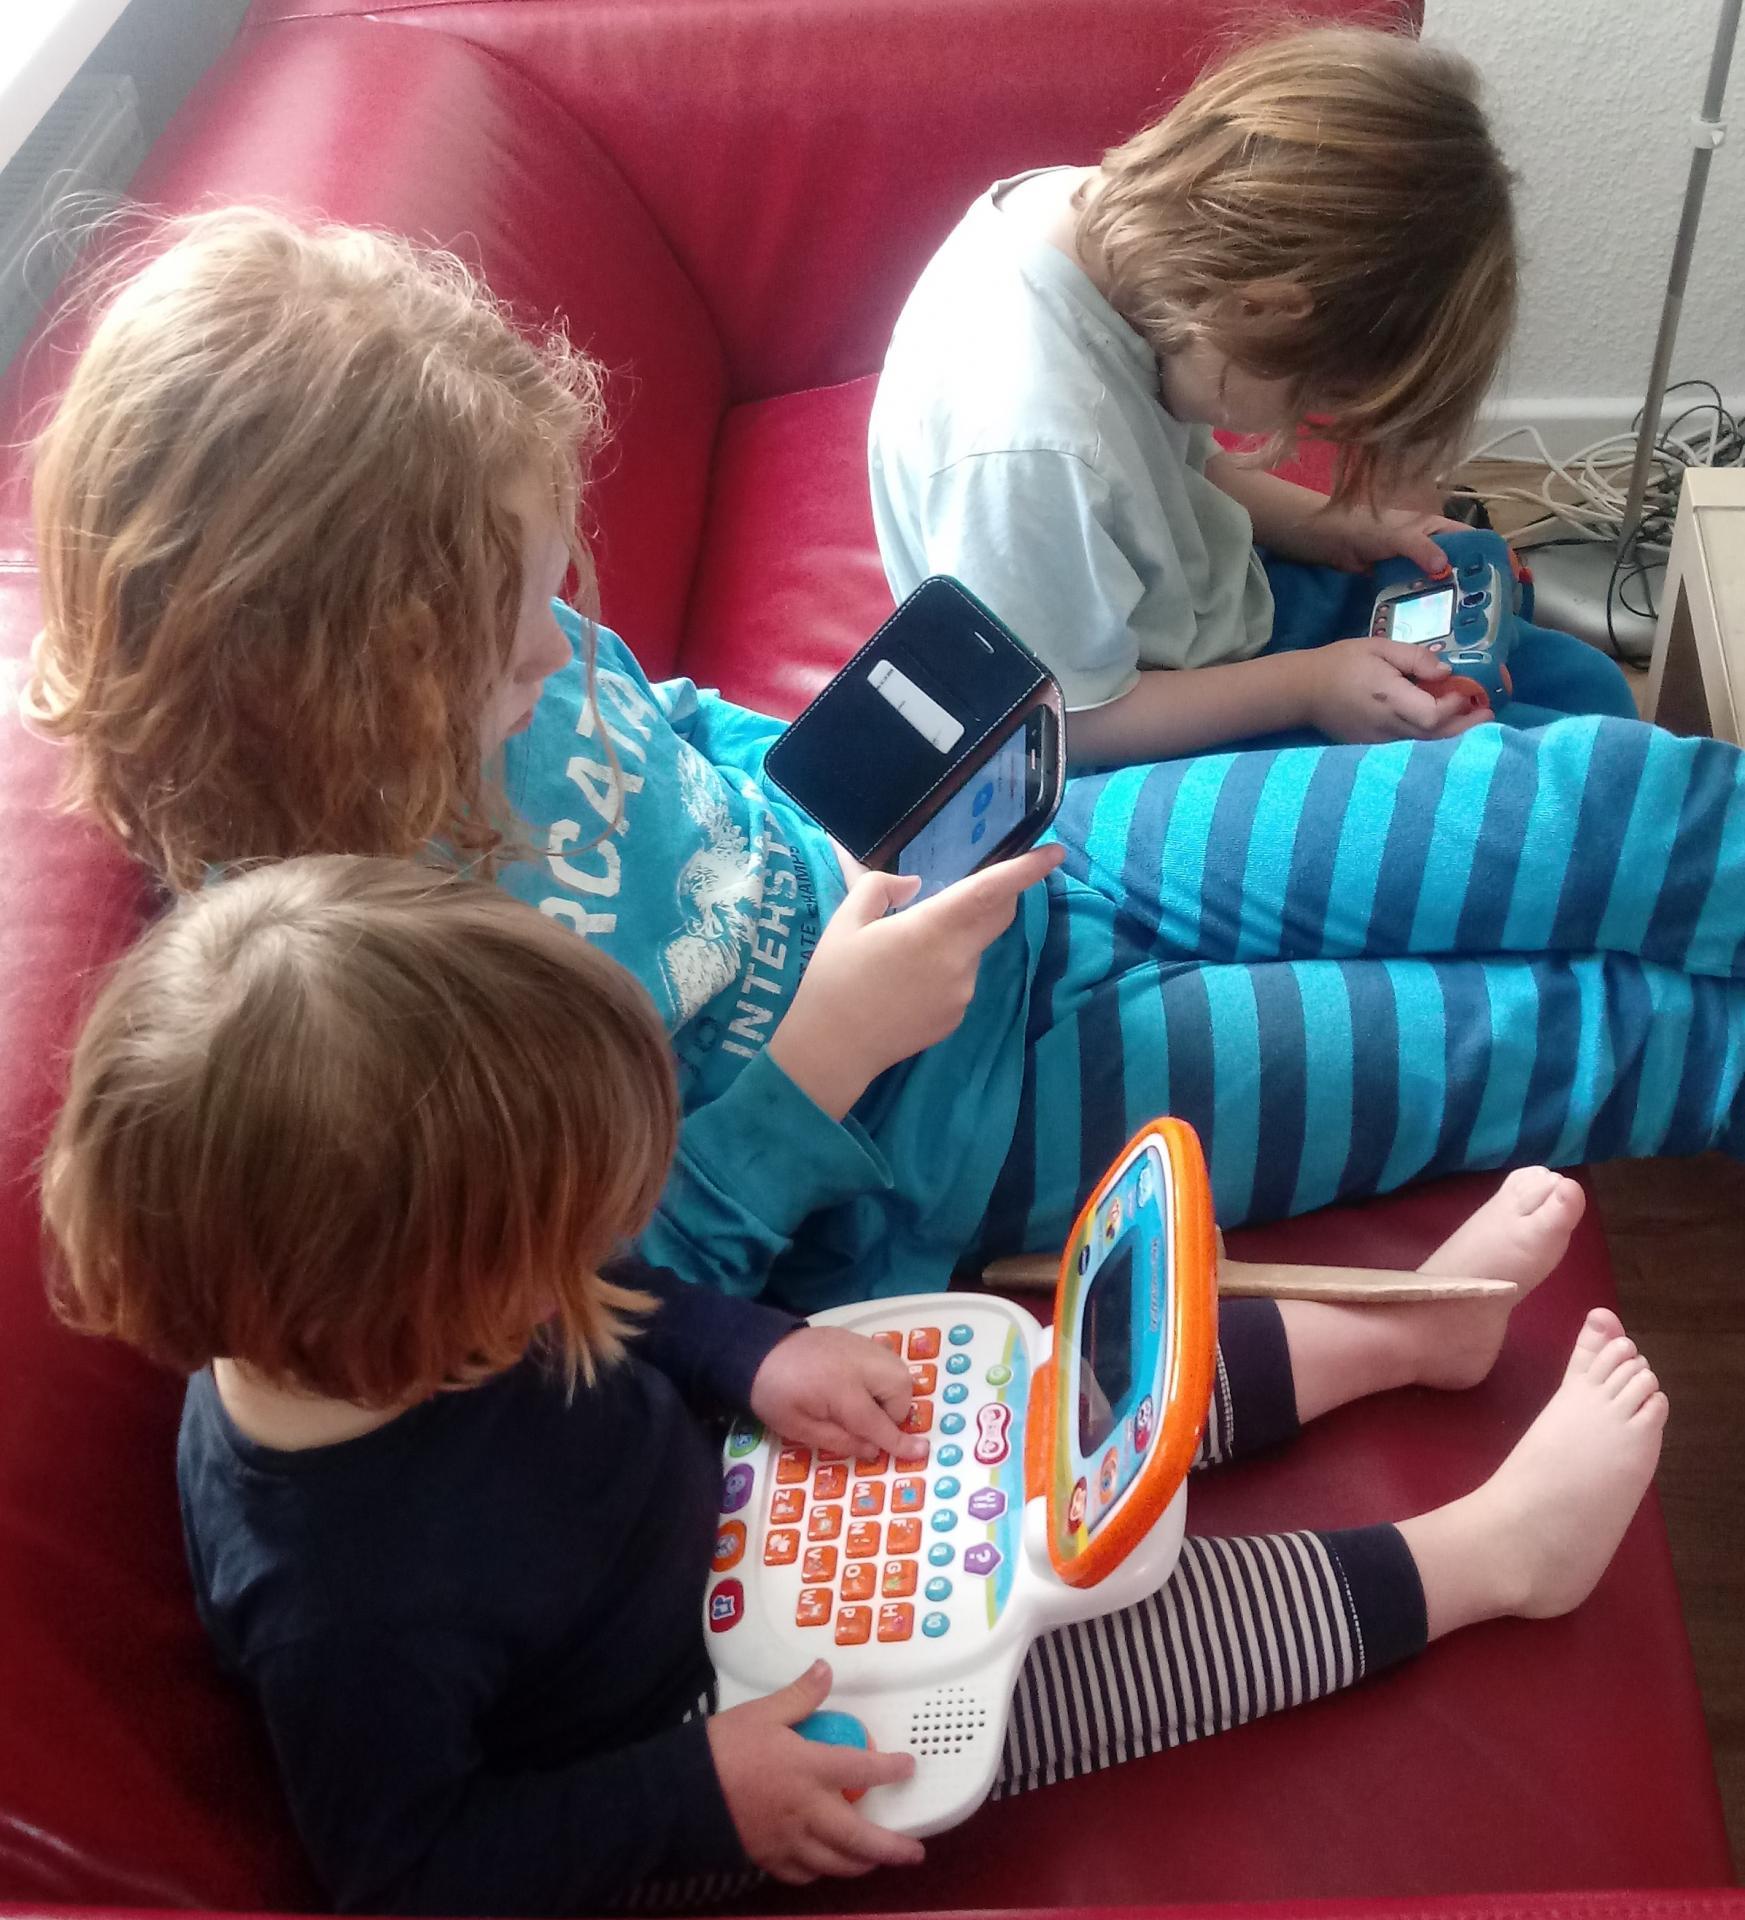 Kinder bei der Nutzung digitaler Medien